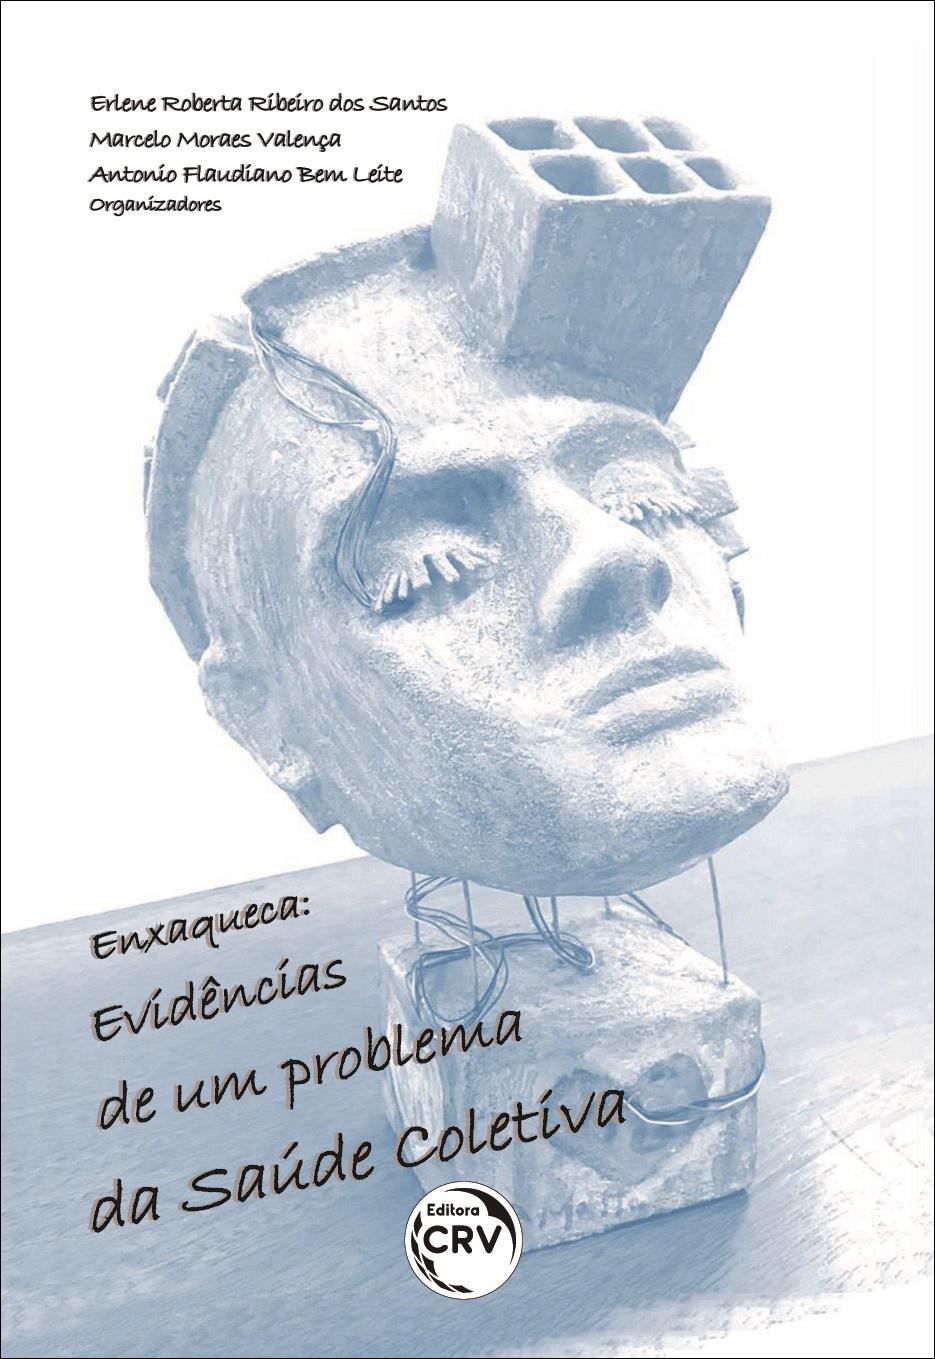 Capa do livro: ENXAQUECA: <br>evidências de um problema da Saúde Coletiva